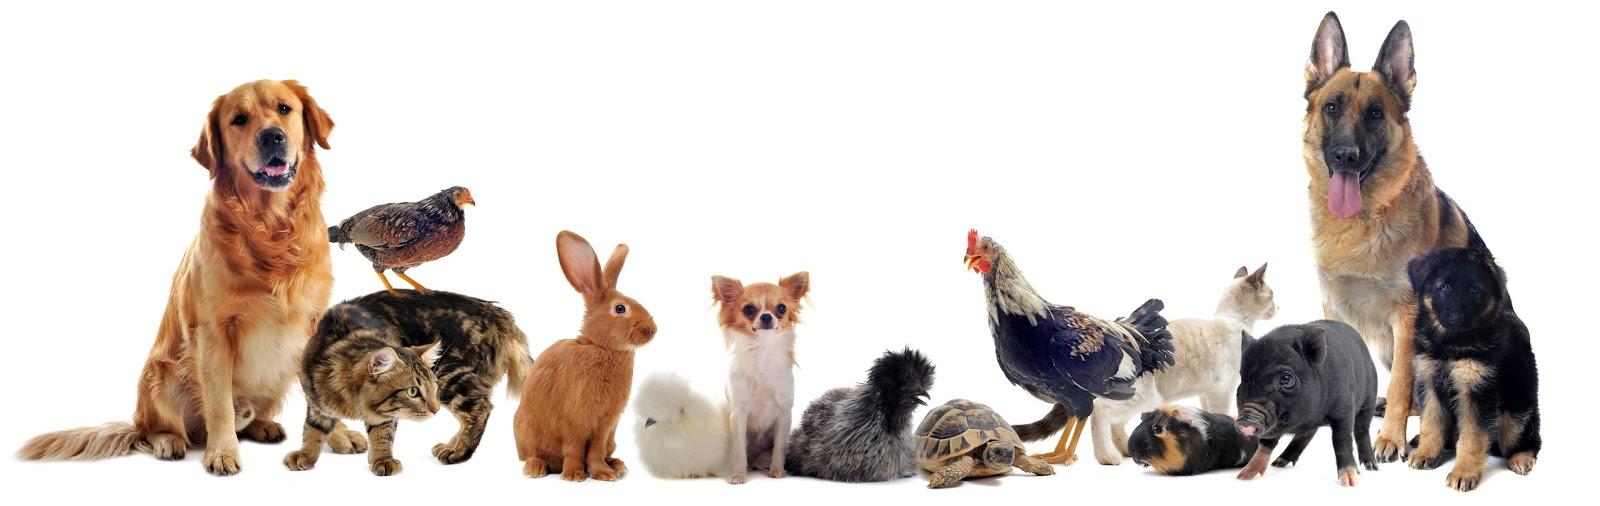 صور حيوانات اليفة , شاهد اجمل الحيوانات الاليفة